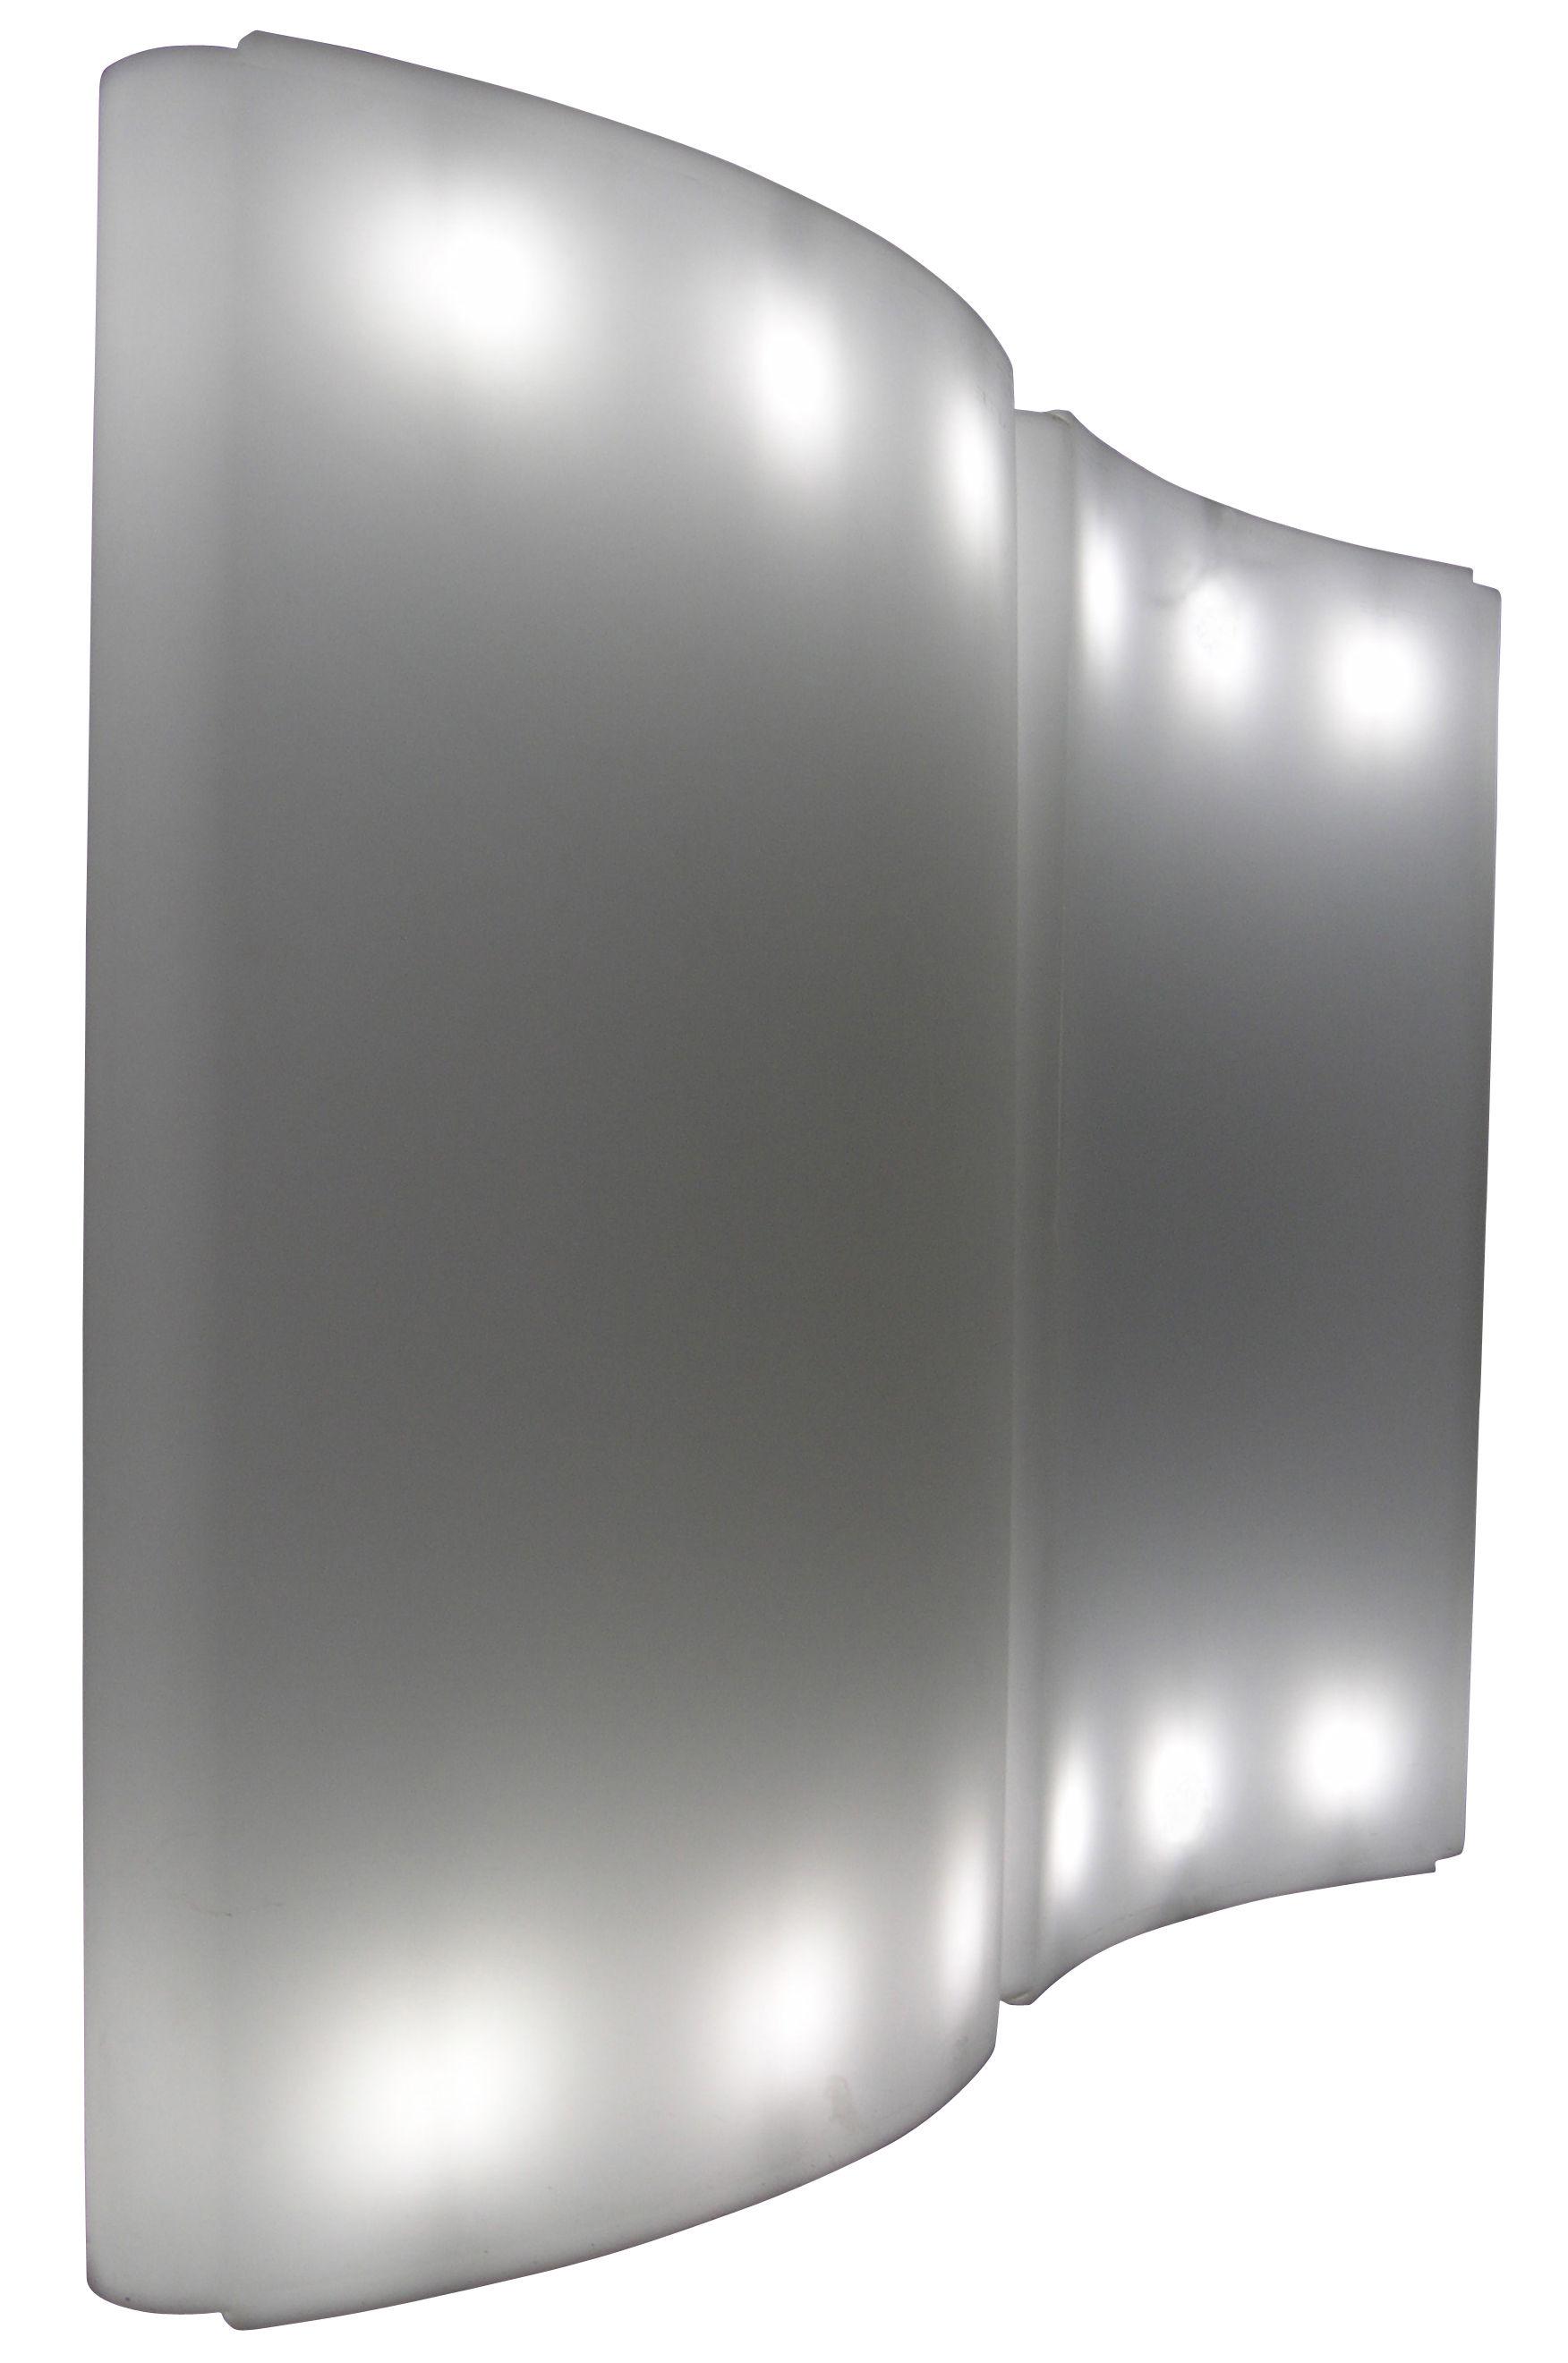 Mobilier - Mobilier lumineux - Paravent lumineux Gio Wind / L 136 x H 200 cm - Slide - Blanc - polyéthène recyclable